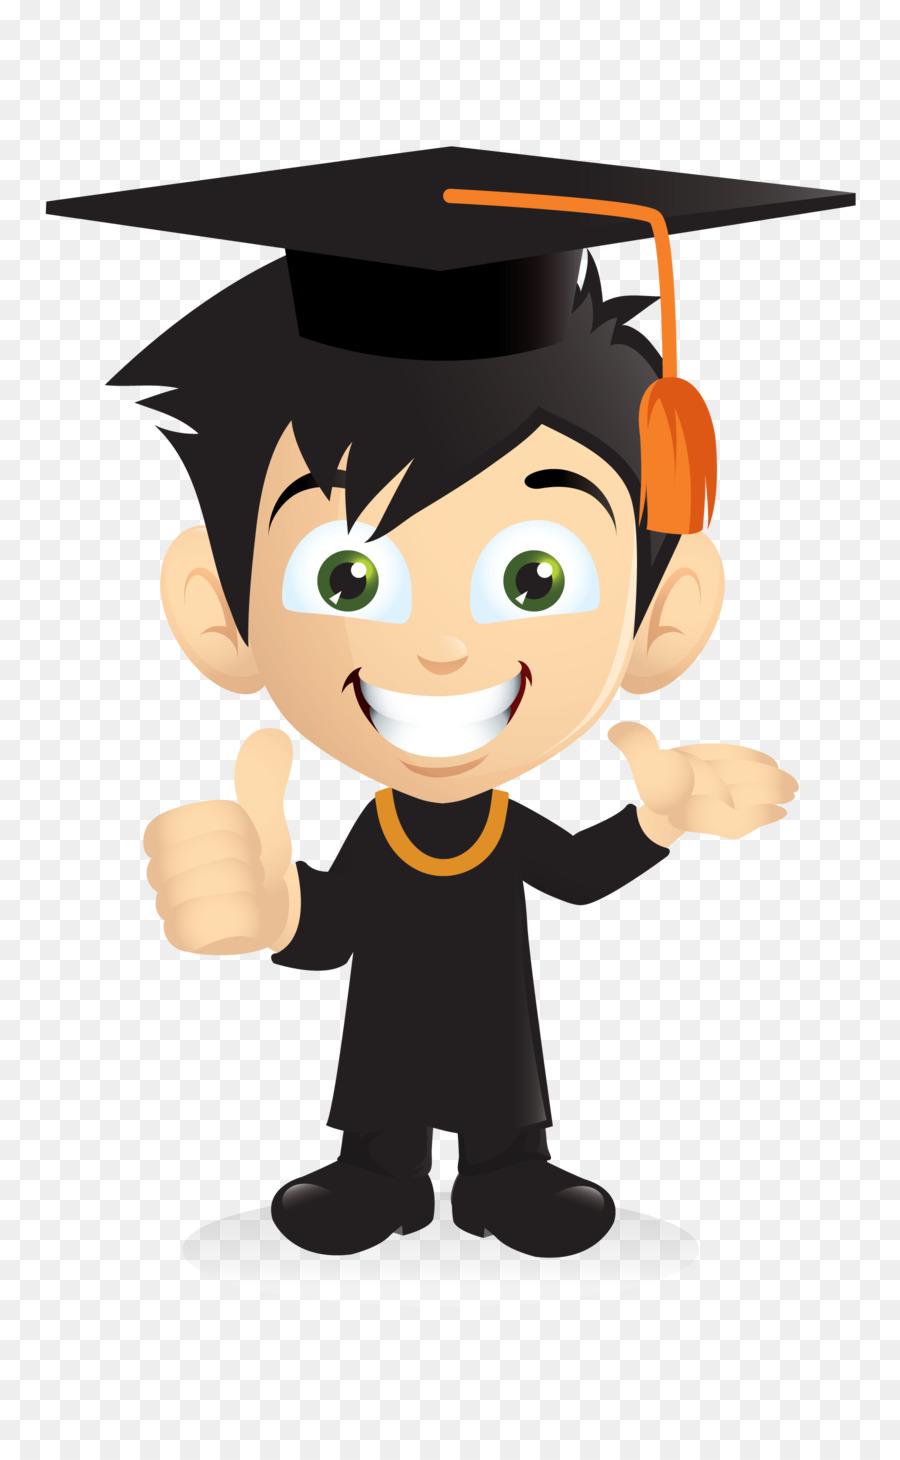 Descarga gratuita de De Dibujos Animados, Ceremonia De Graduación, Chico Imágen de Png